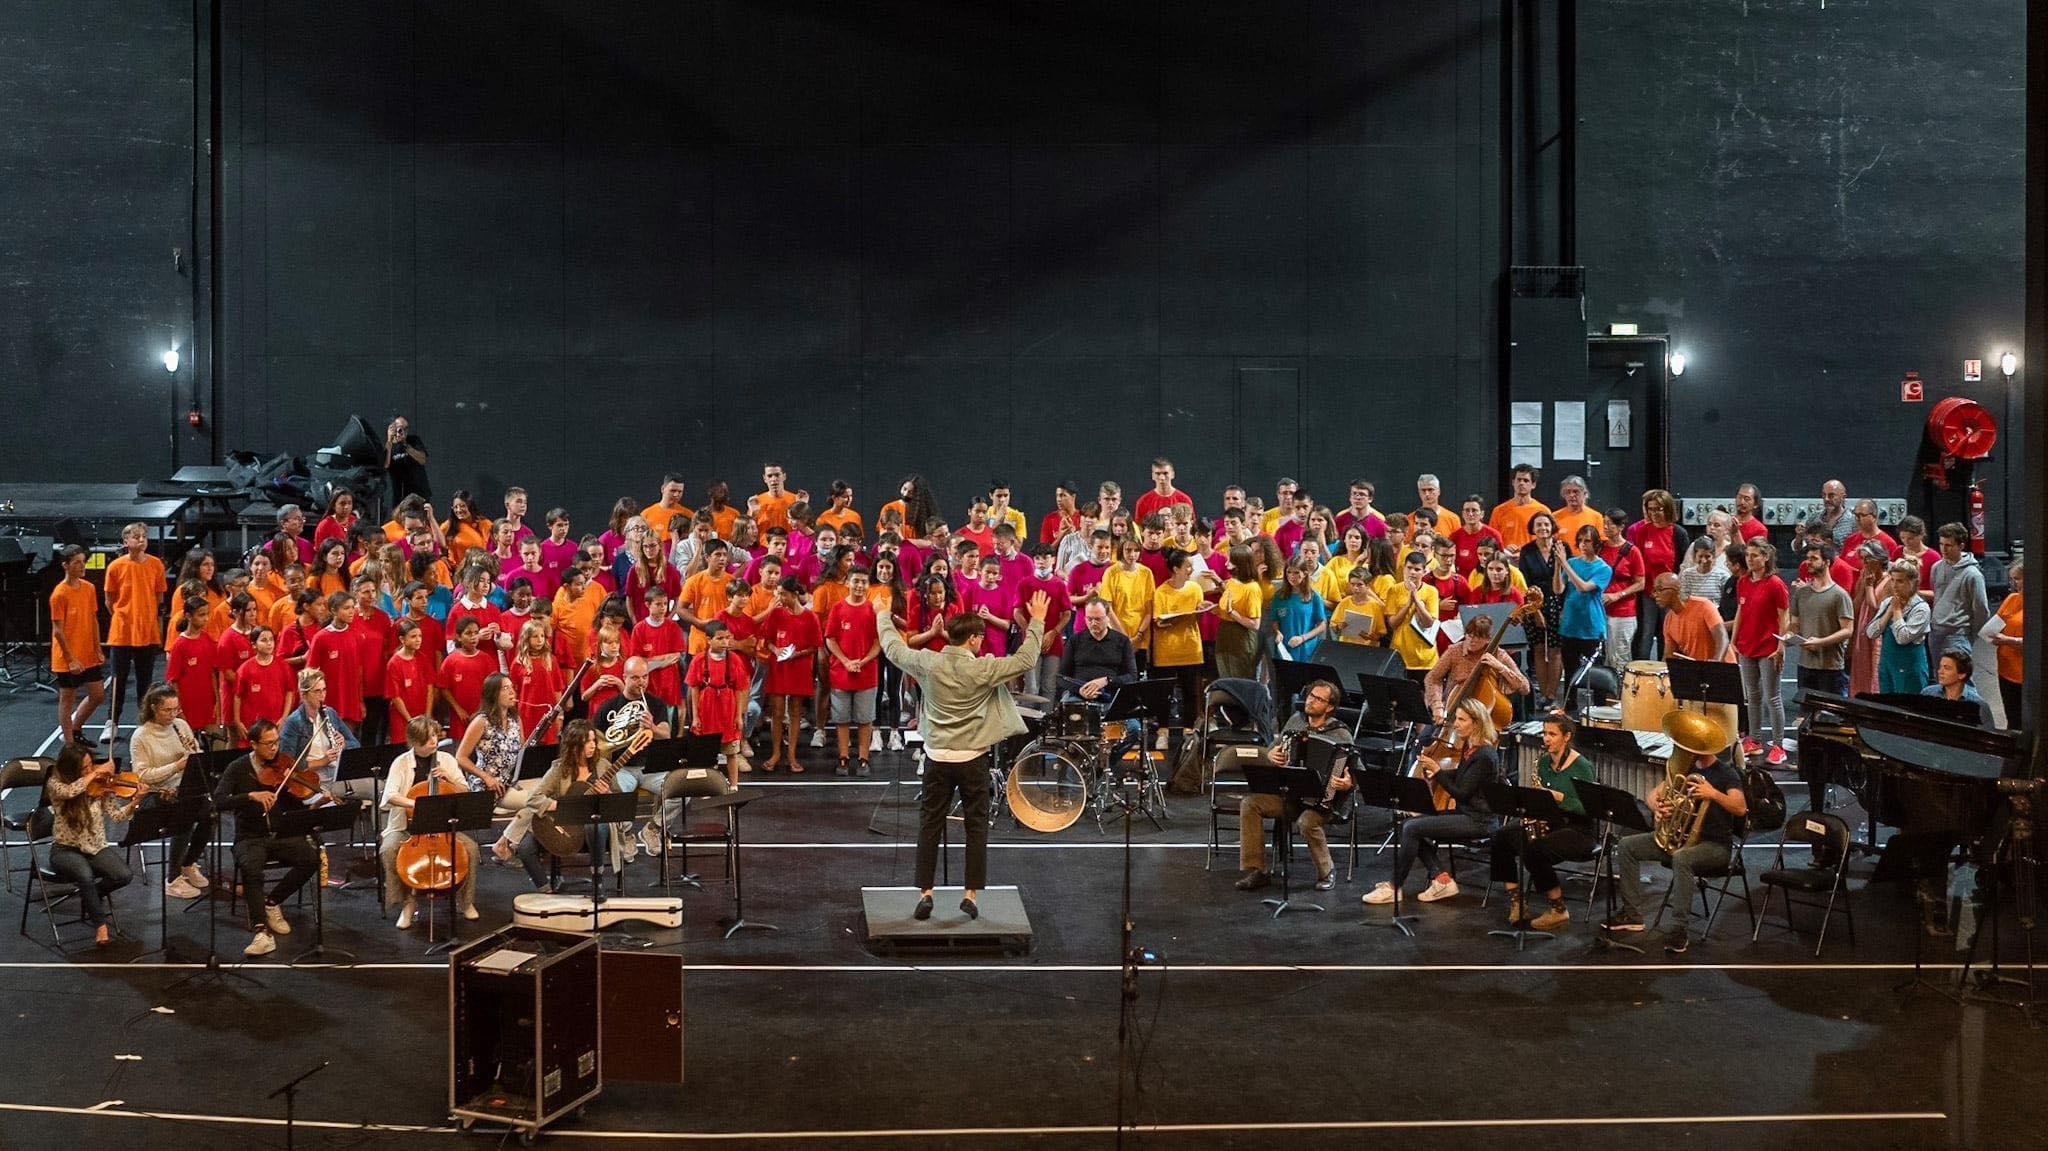 La musique est un jeu d'enfant avec l'association Orchestre à l'École qui démocratise l'accès à la musique grâce au crowdfunding